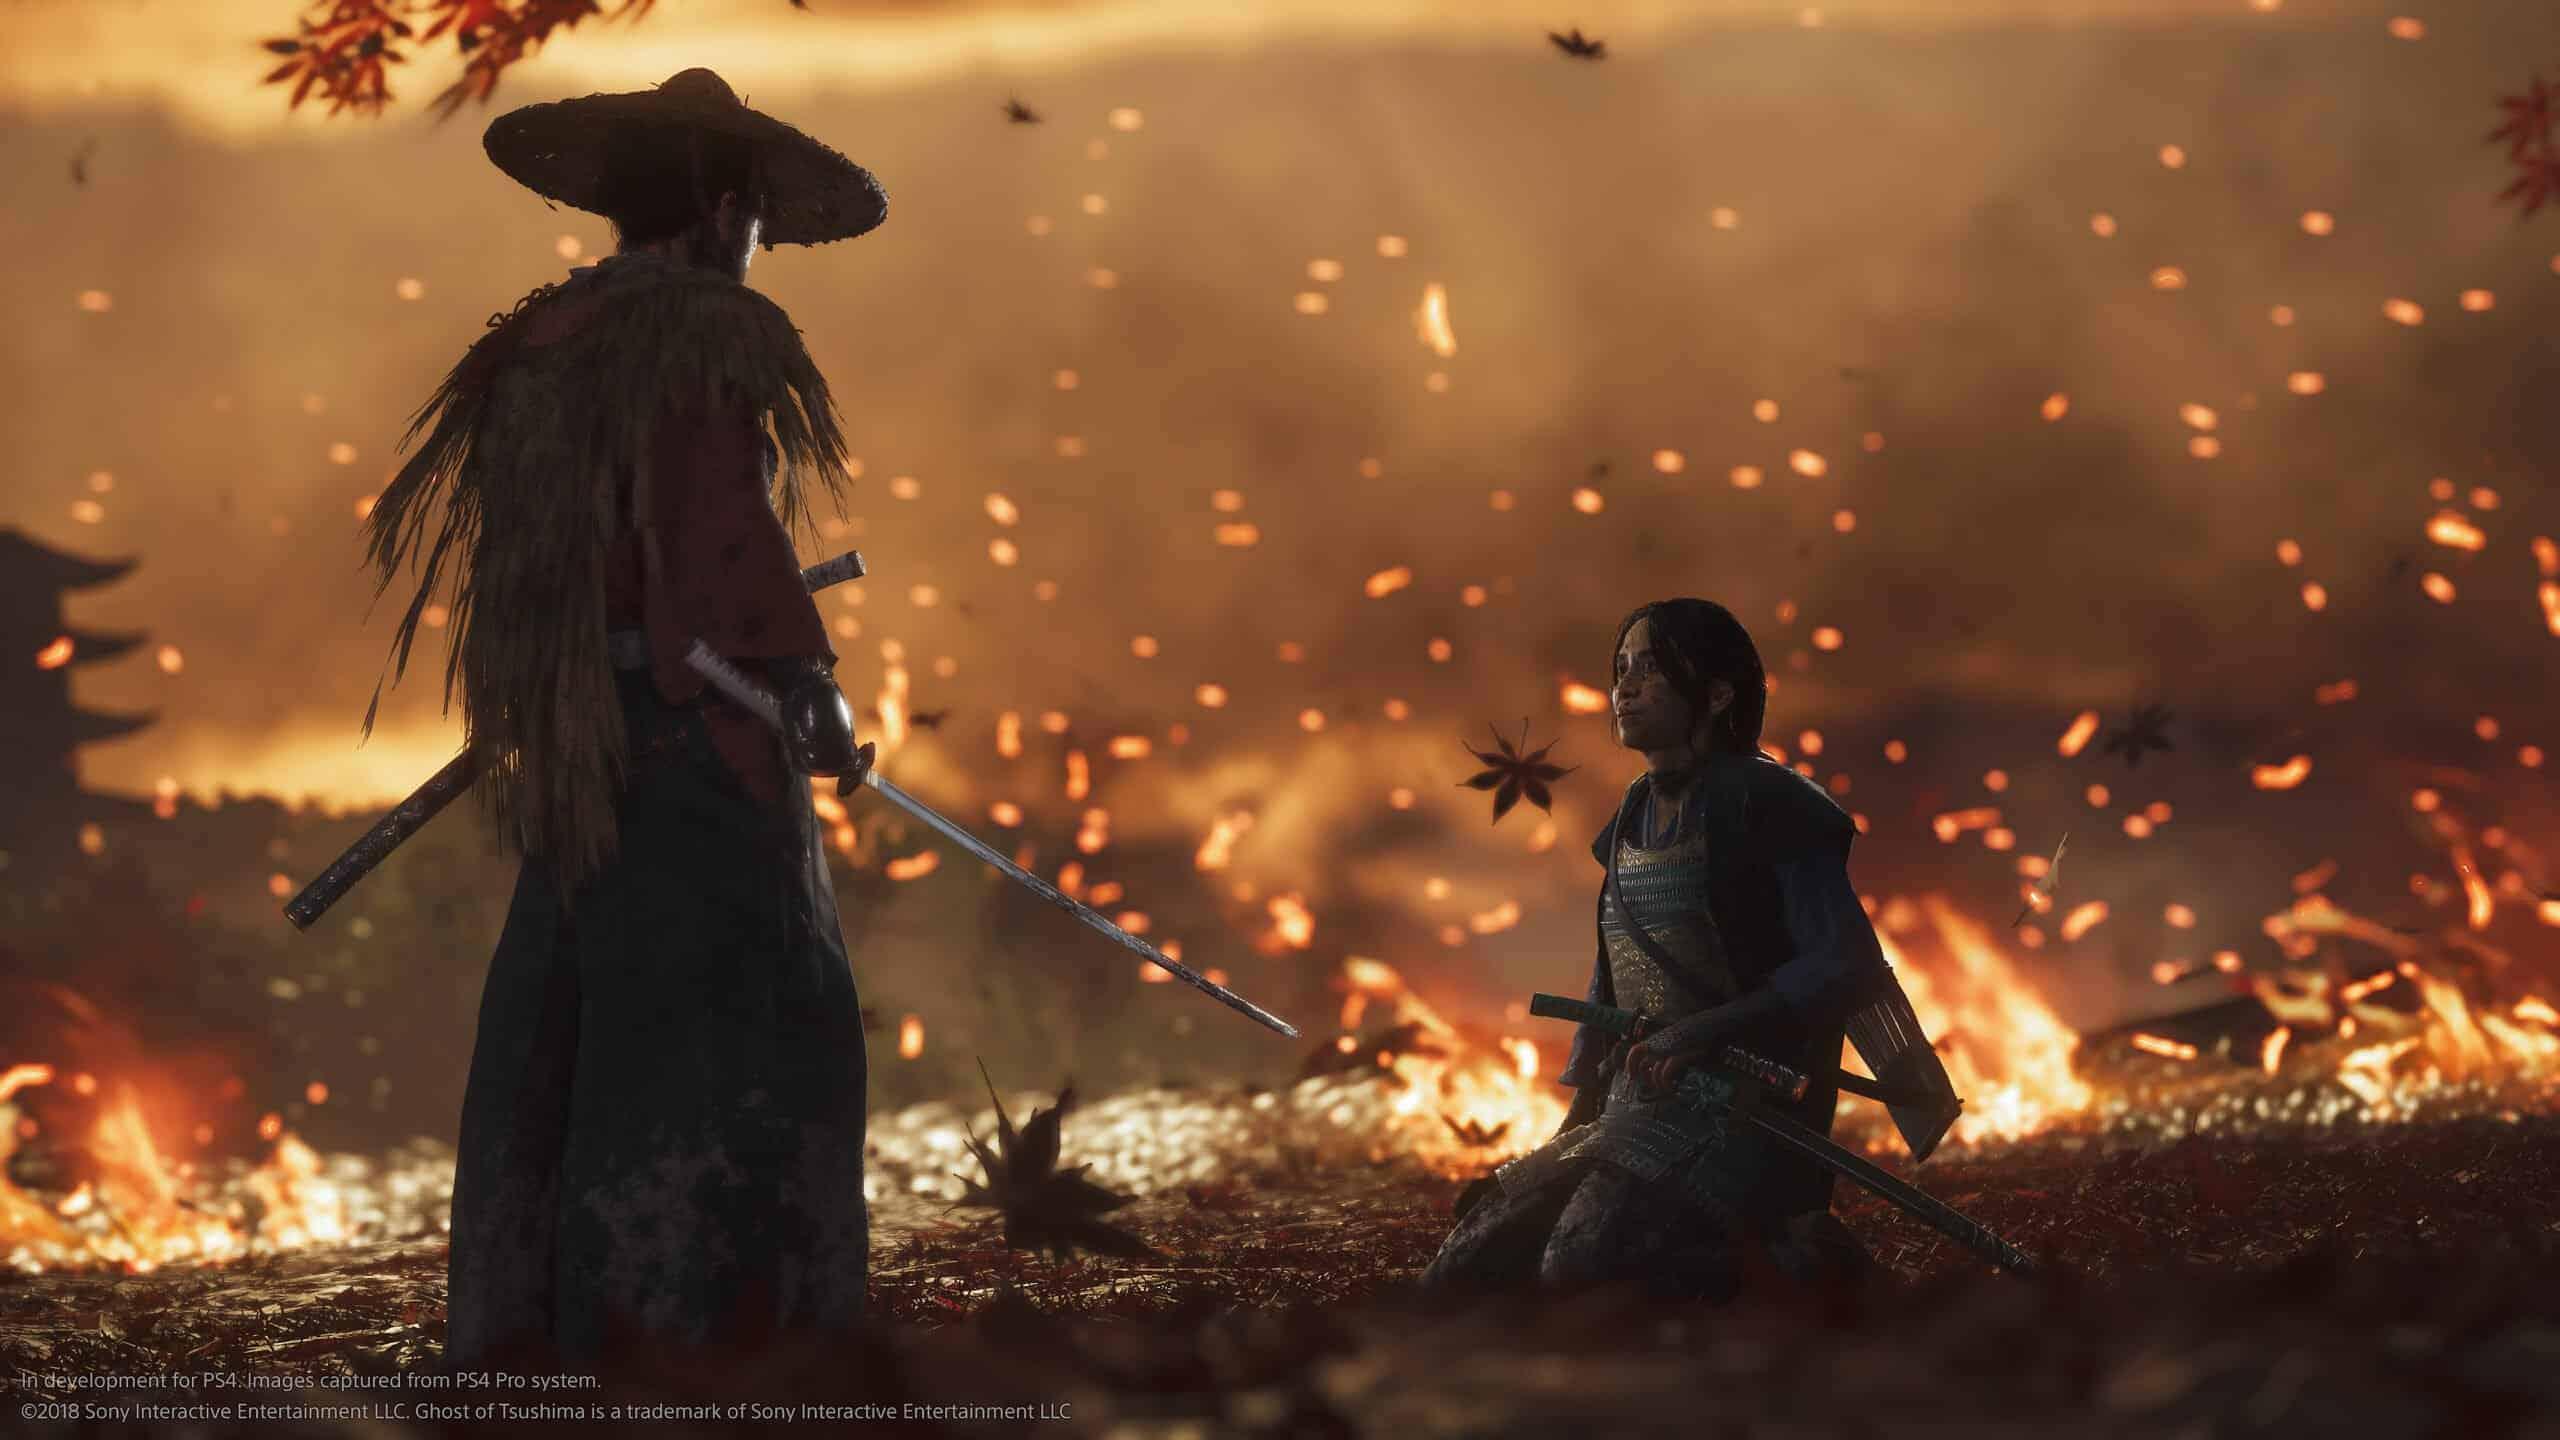 Ghost of Tsushima Review – De iconische stijl van Kurosawa in een game?